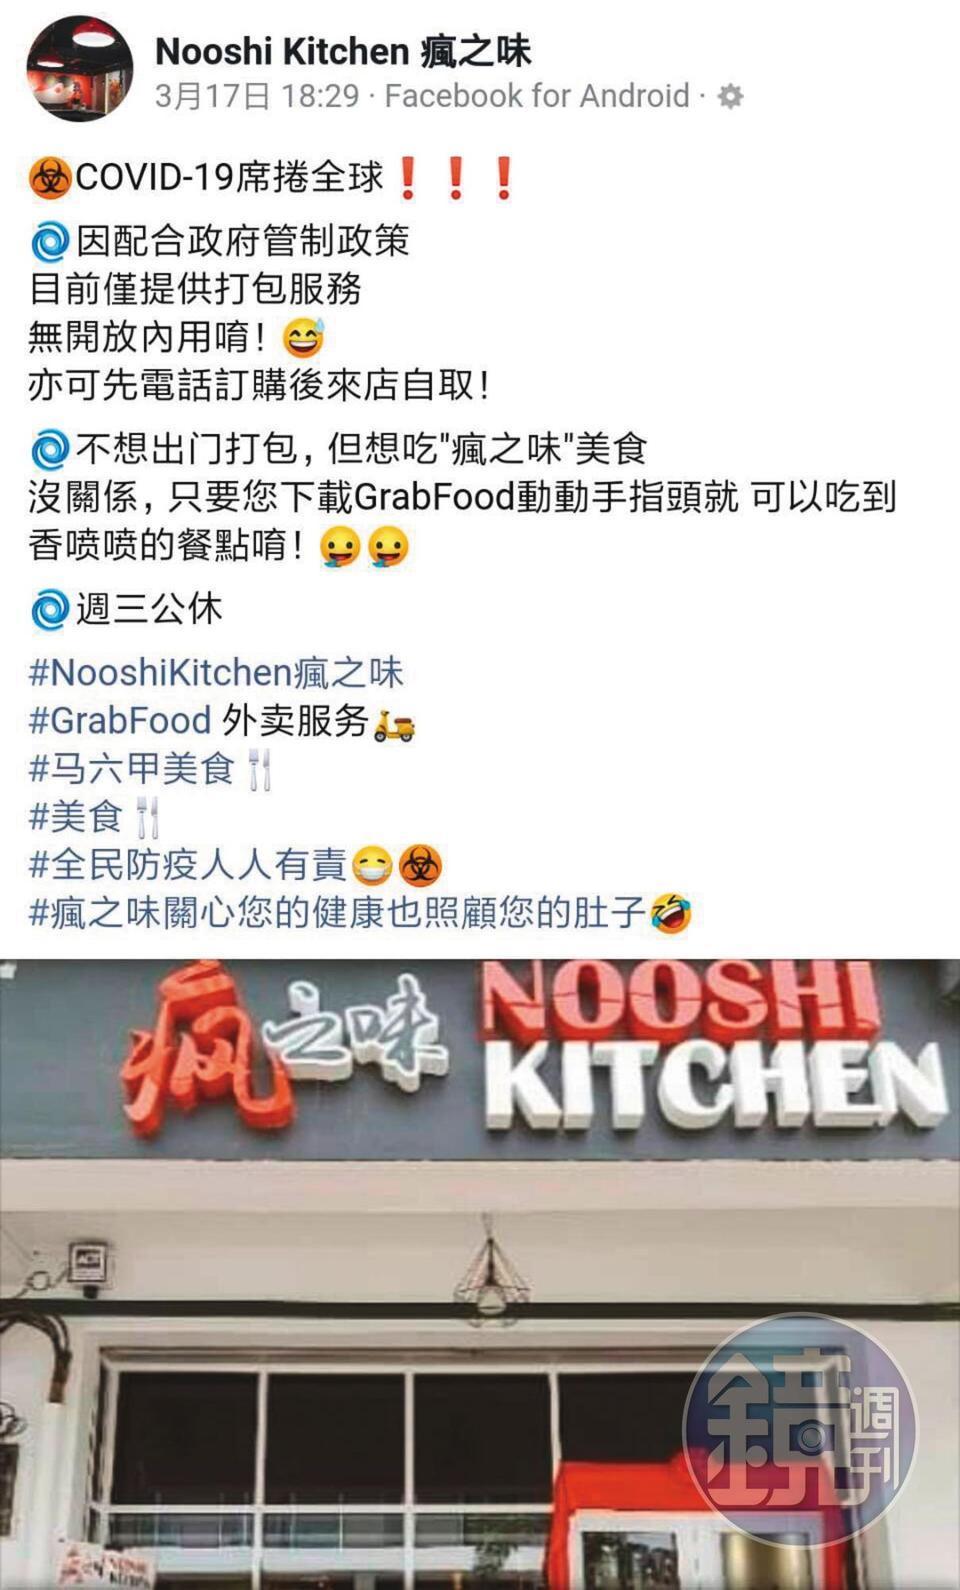 大馬假富商和盛女到麻六甲準備開店,該店預計以餐廳加手搖飲方式經營,店名為「瘋之味」。(翻攝臉書)